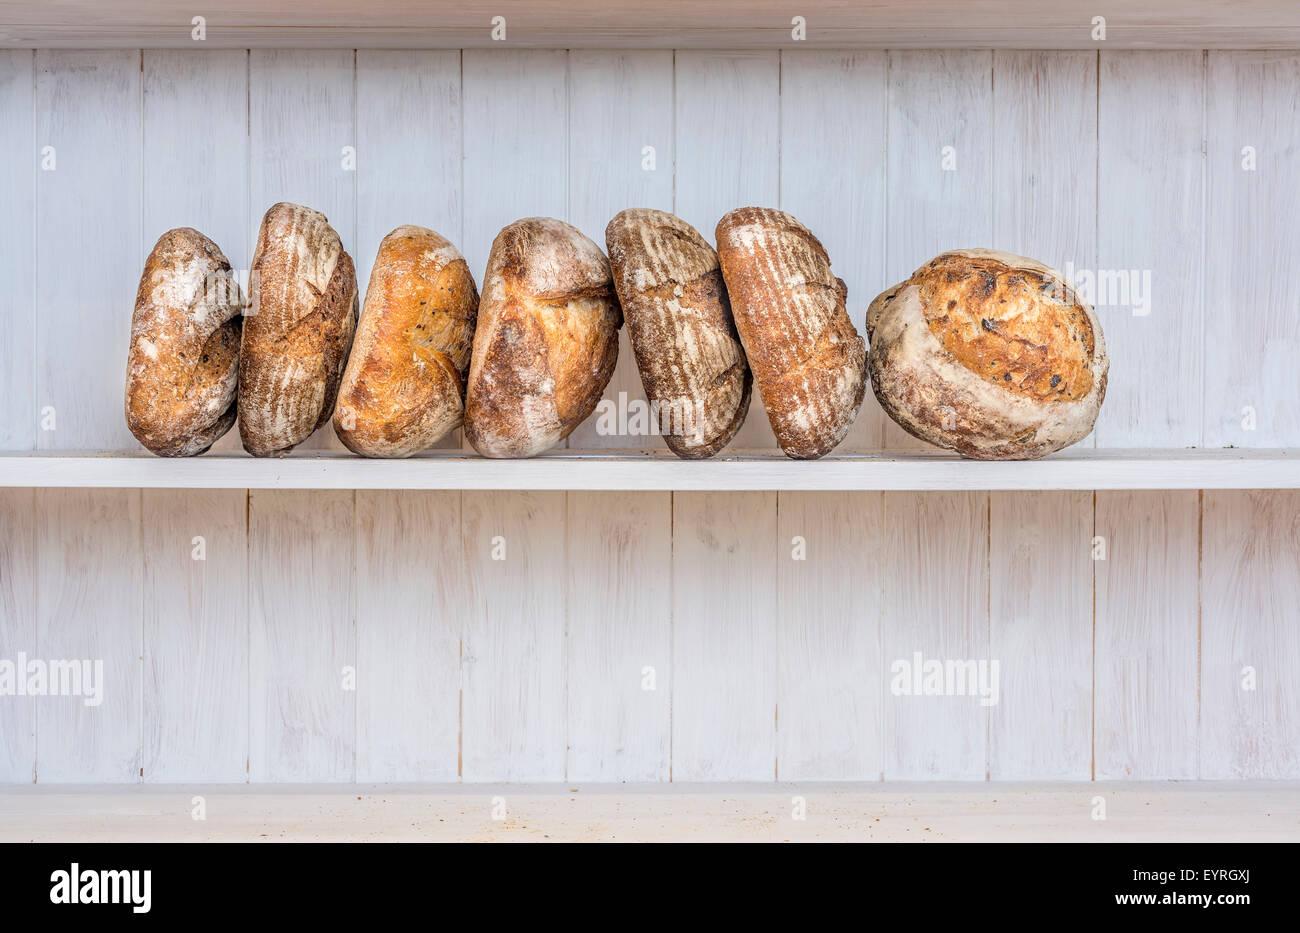 Verschiedenen traditionell gemacht Sauerteig Brot in einer Bäckerei, Devon UK Stockbild